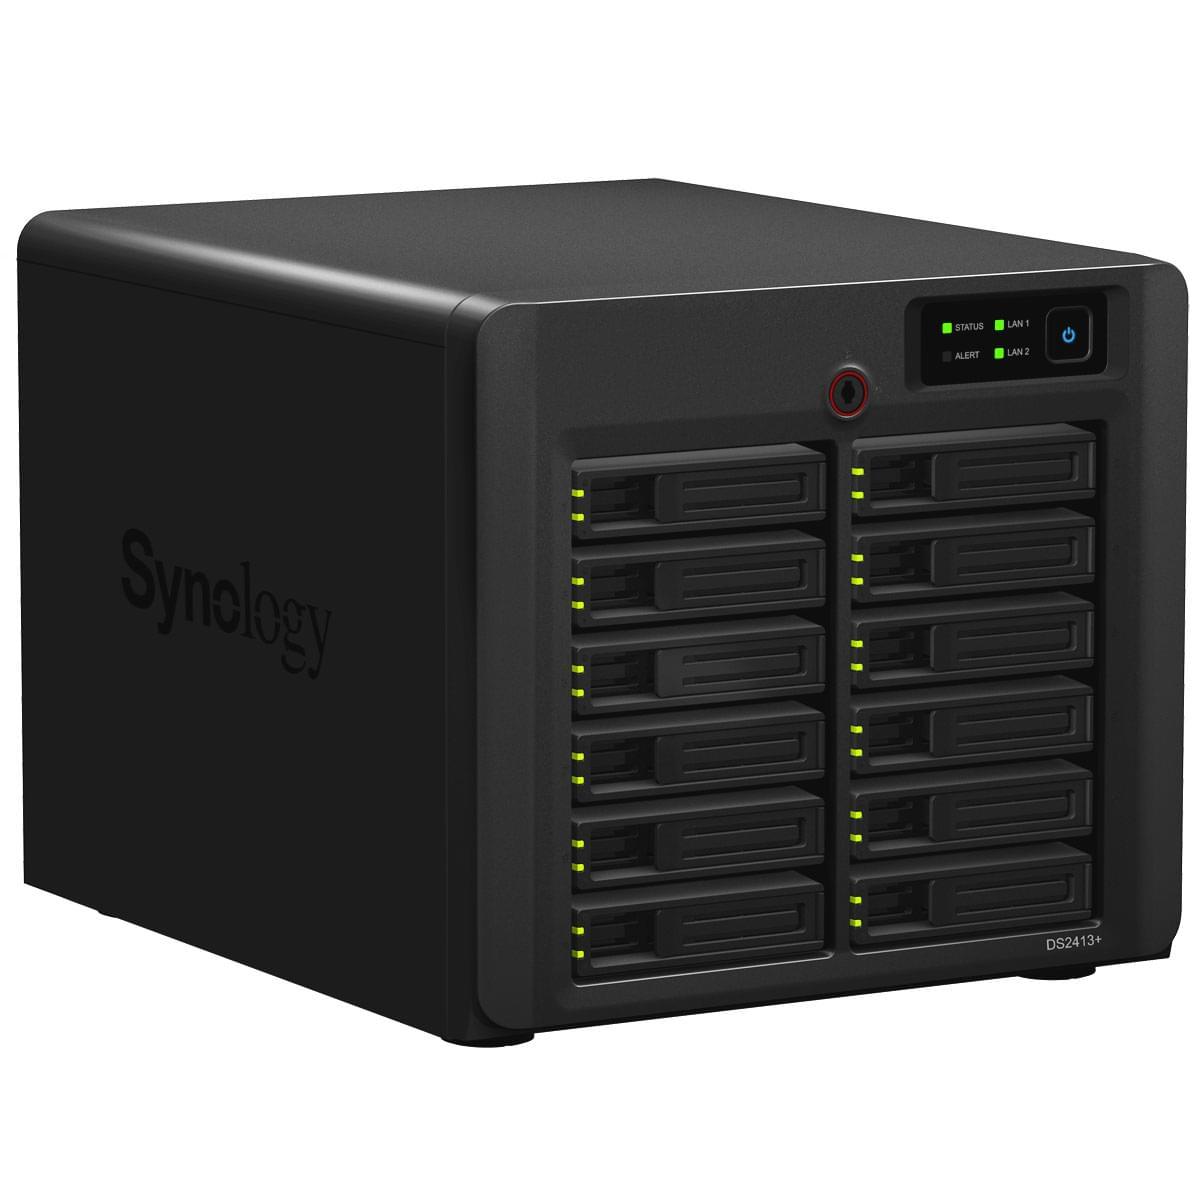 Synology DS2413+ (DS2413+) - Achat / Vente Serveur NAS sur Cybertek.fr - 0